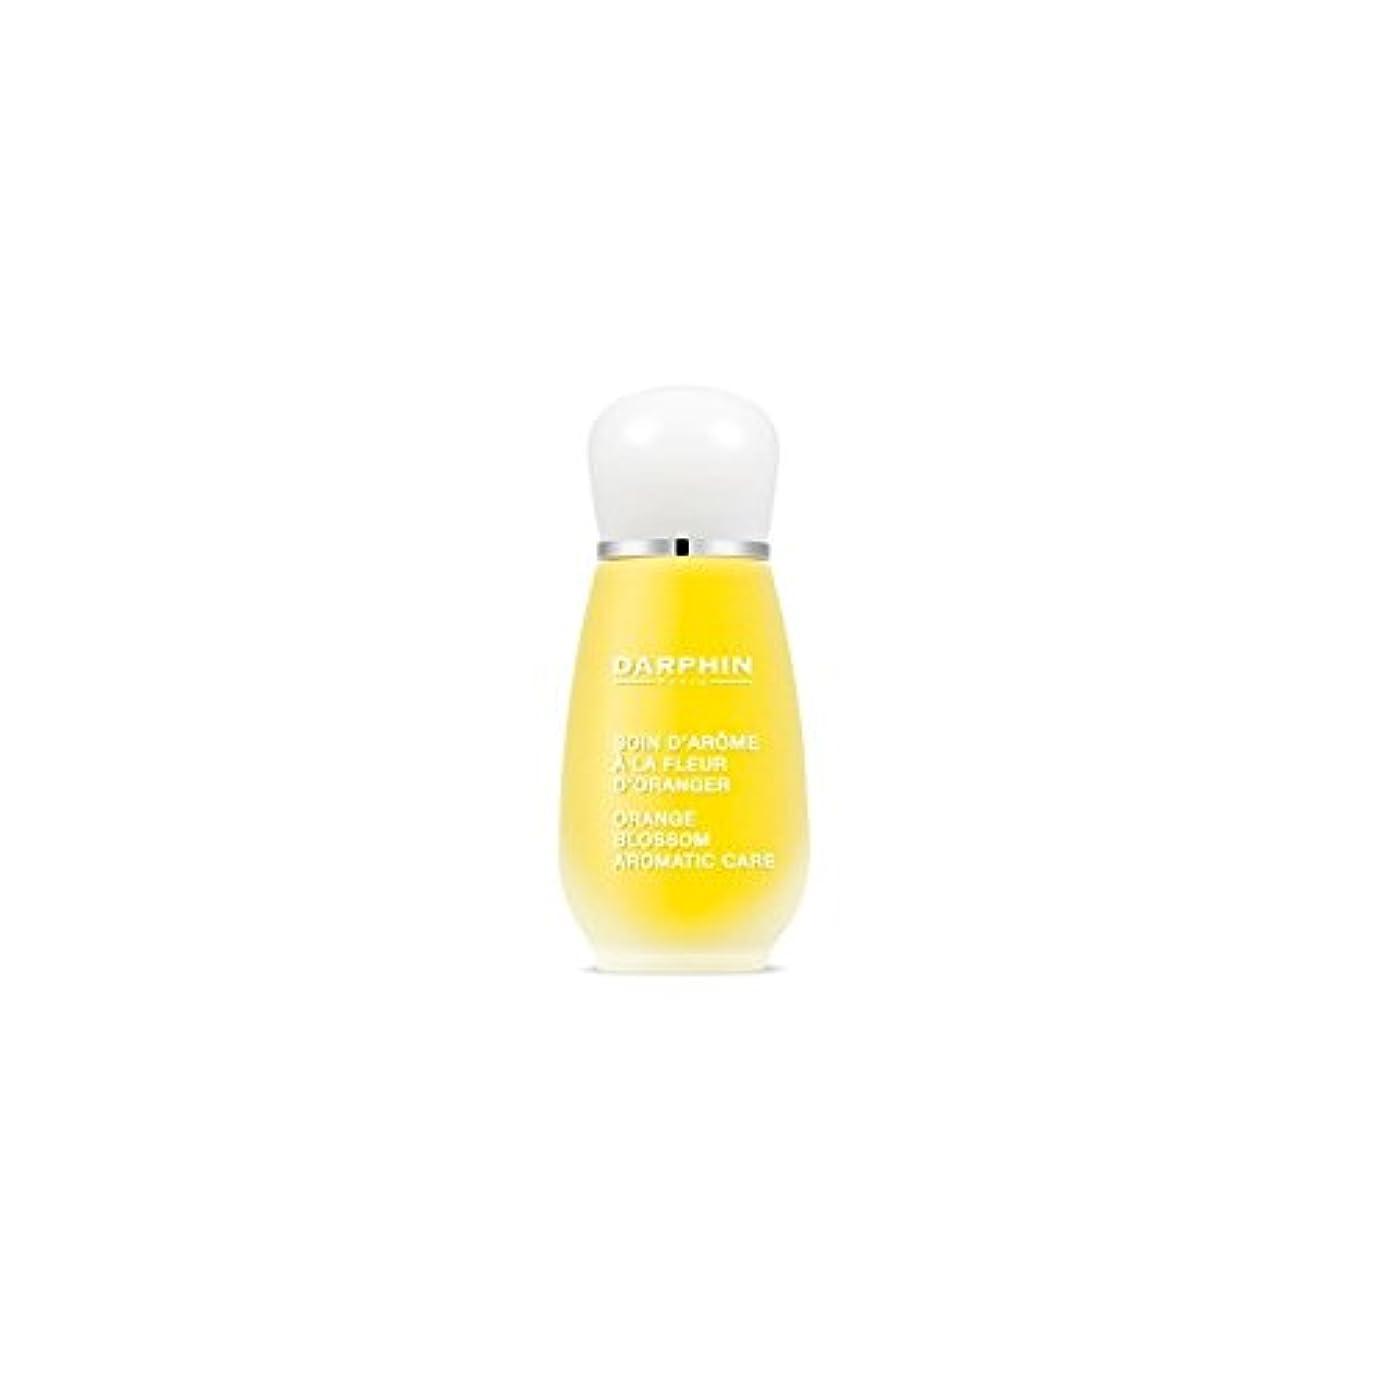 範囲マニュアル作曲家ダルファンオレンジの花の芳香ケア(15ミリリットル) x2 - Darphin Orange Blossom Aromatic Care (15ml) (Pack of 2) [並行輸入品]